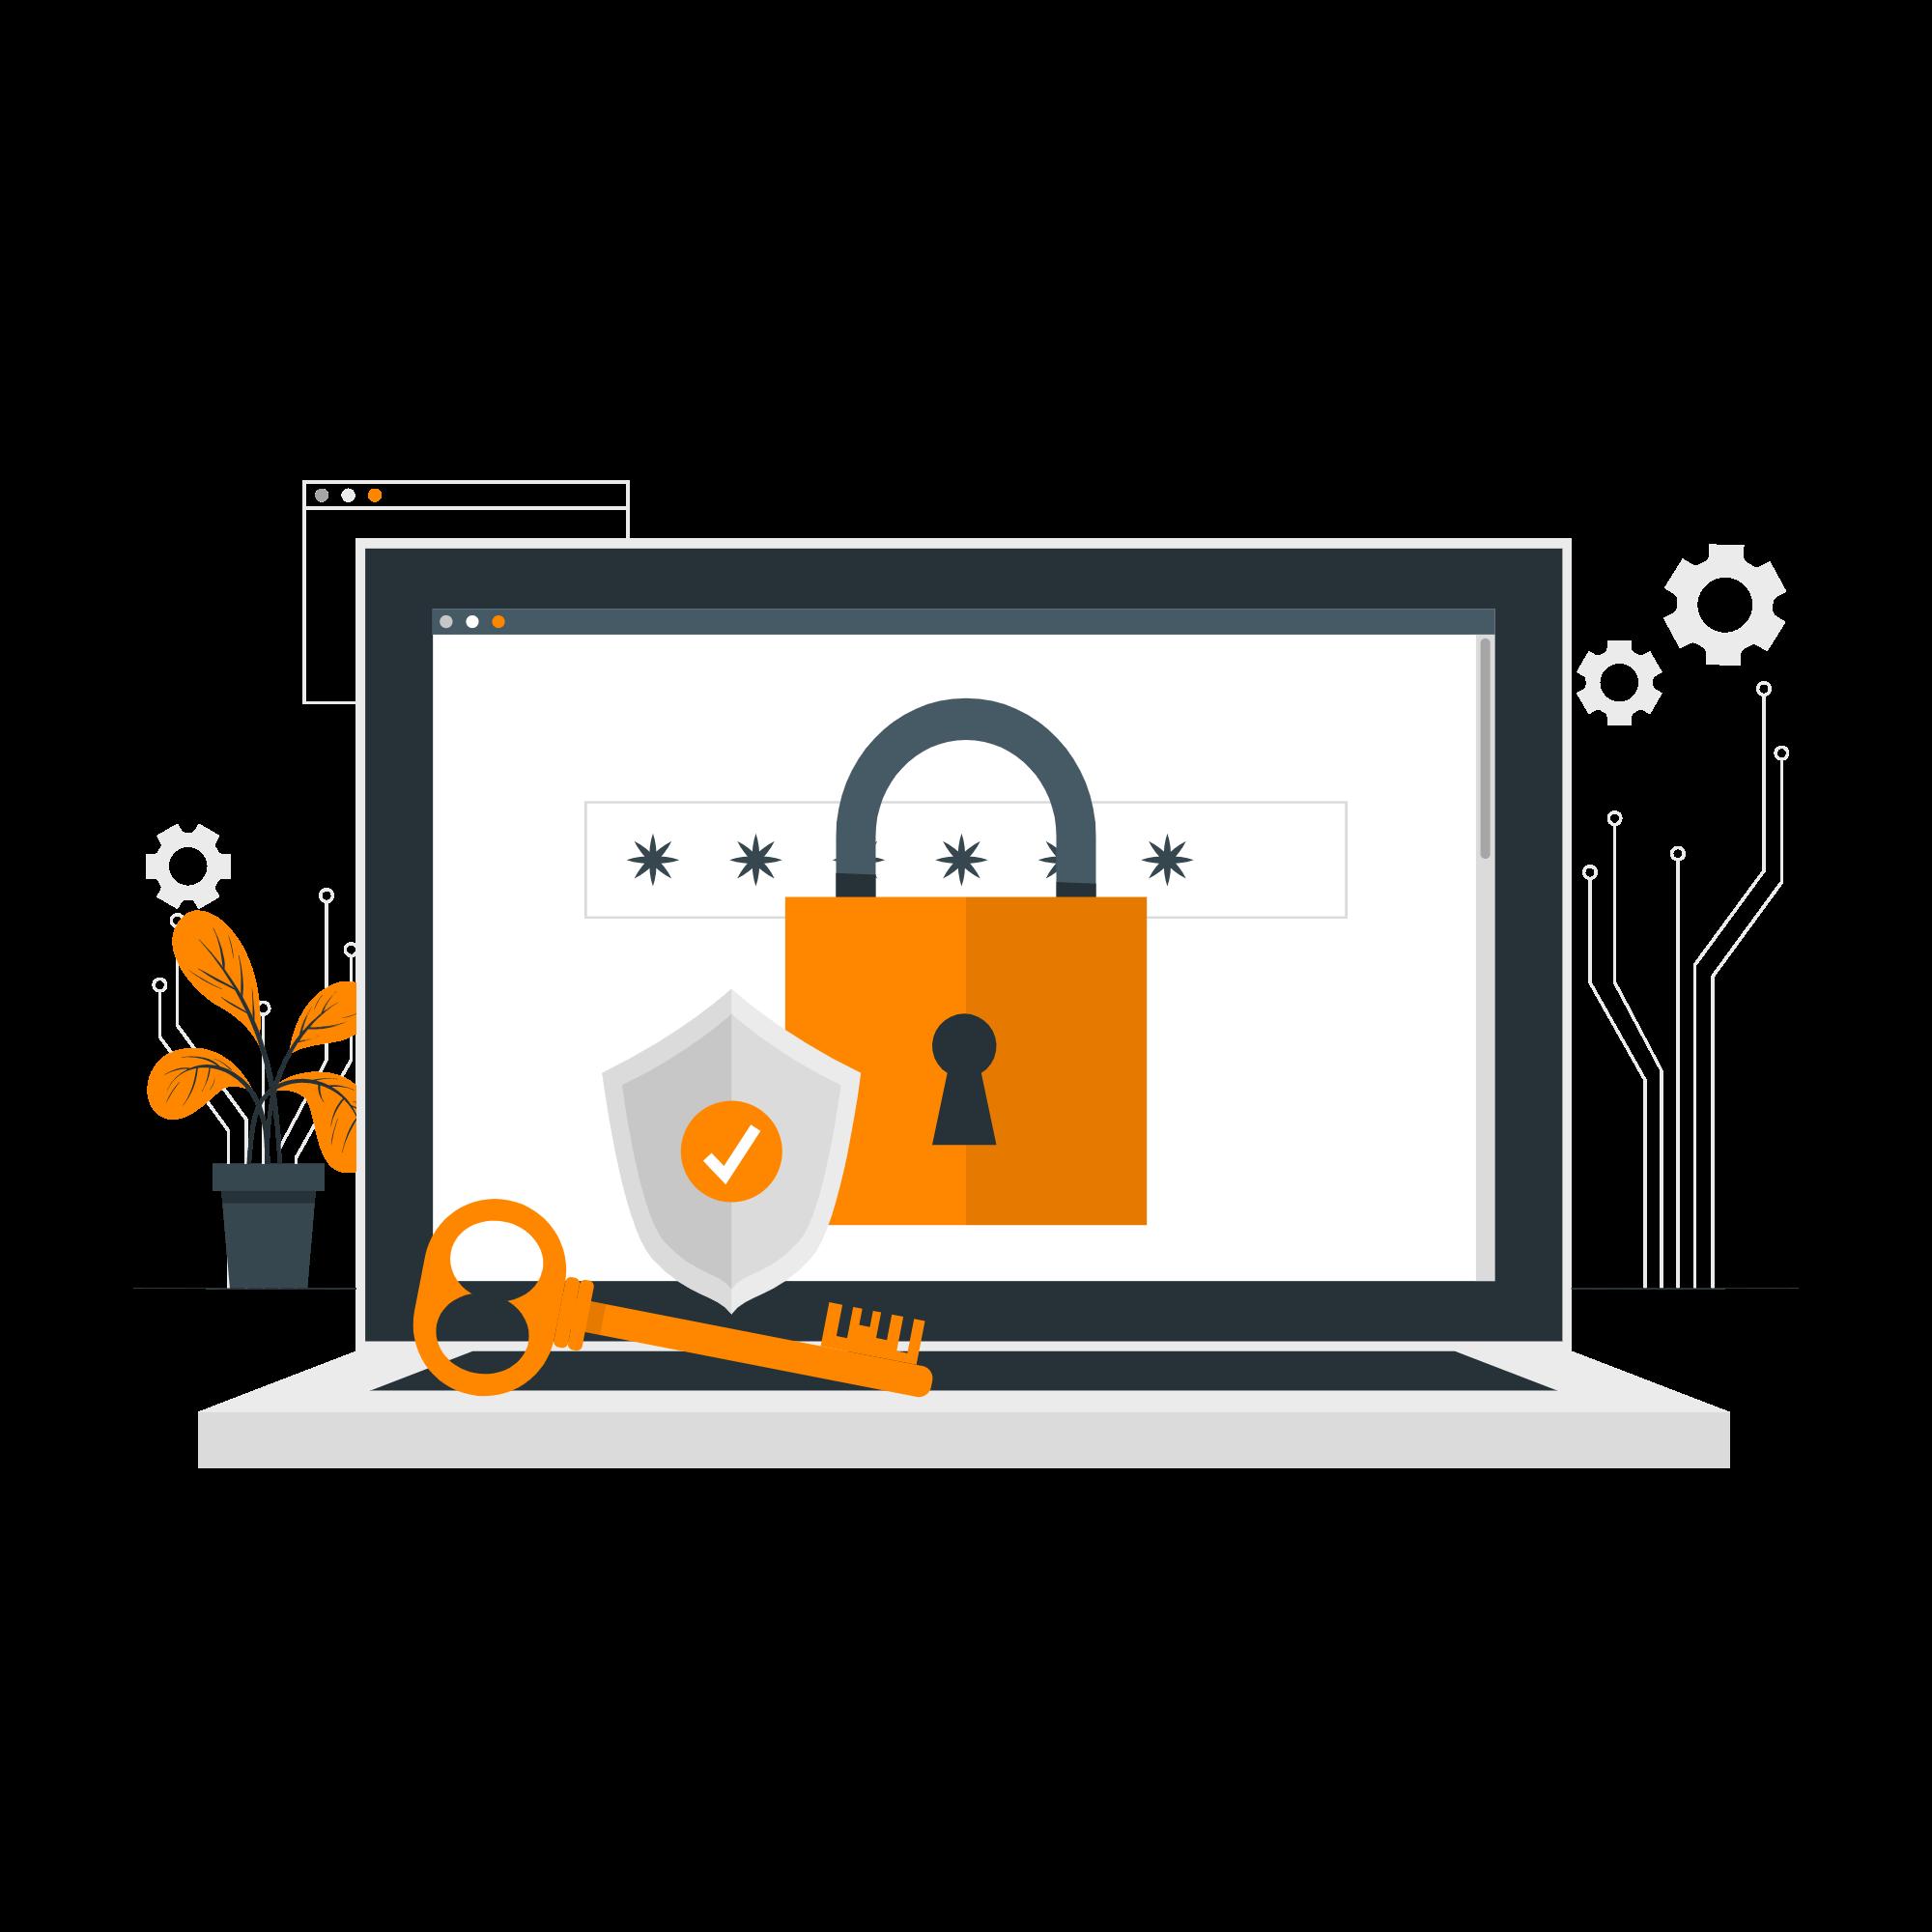 رعایت امنیت وردپرس ضامن کسب و کار آنلاین شماست.